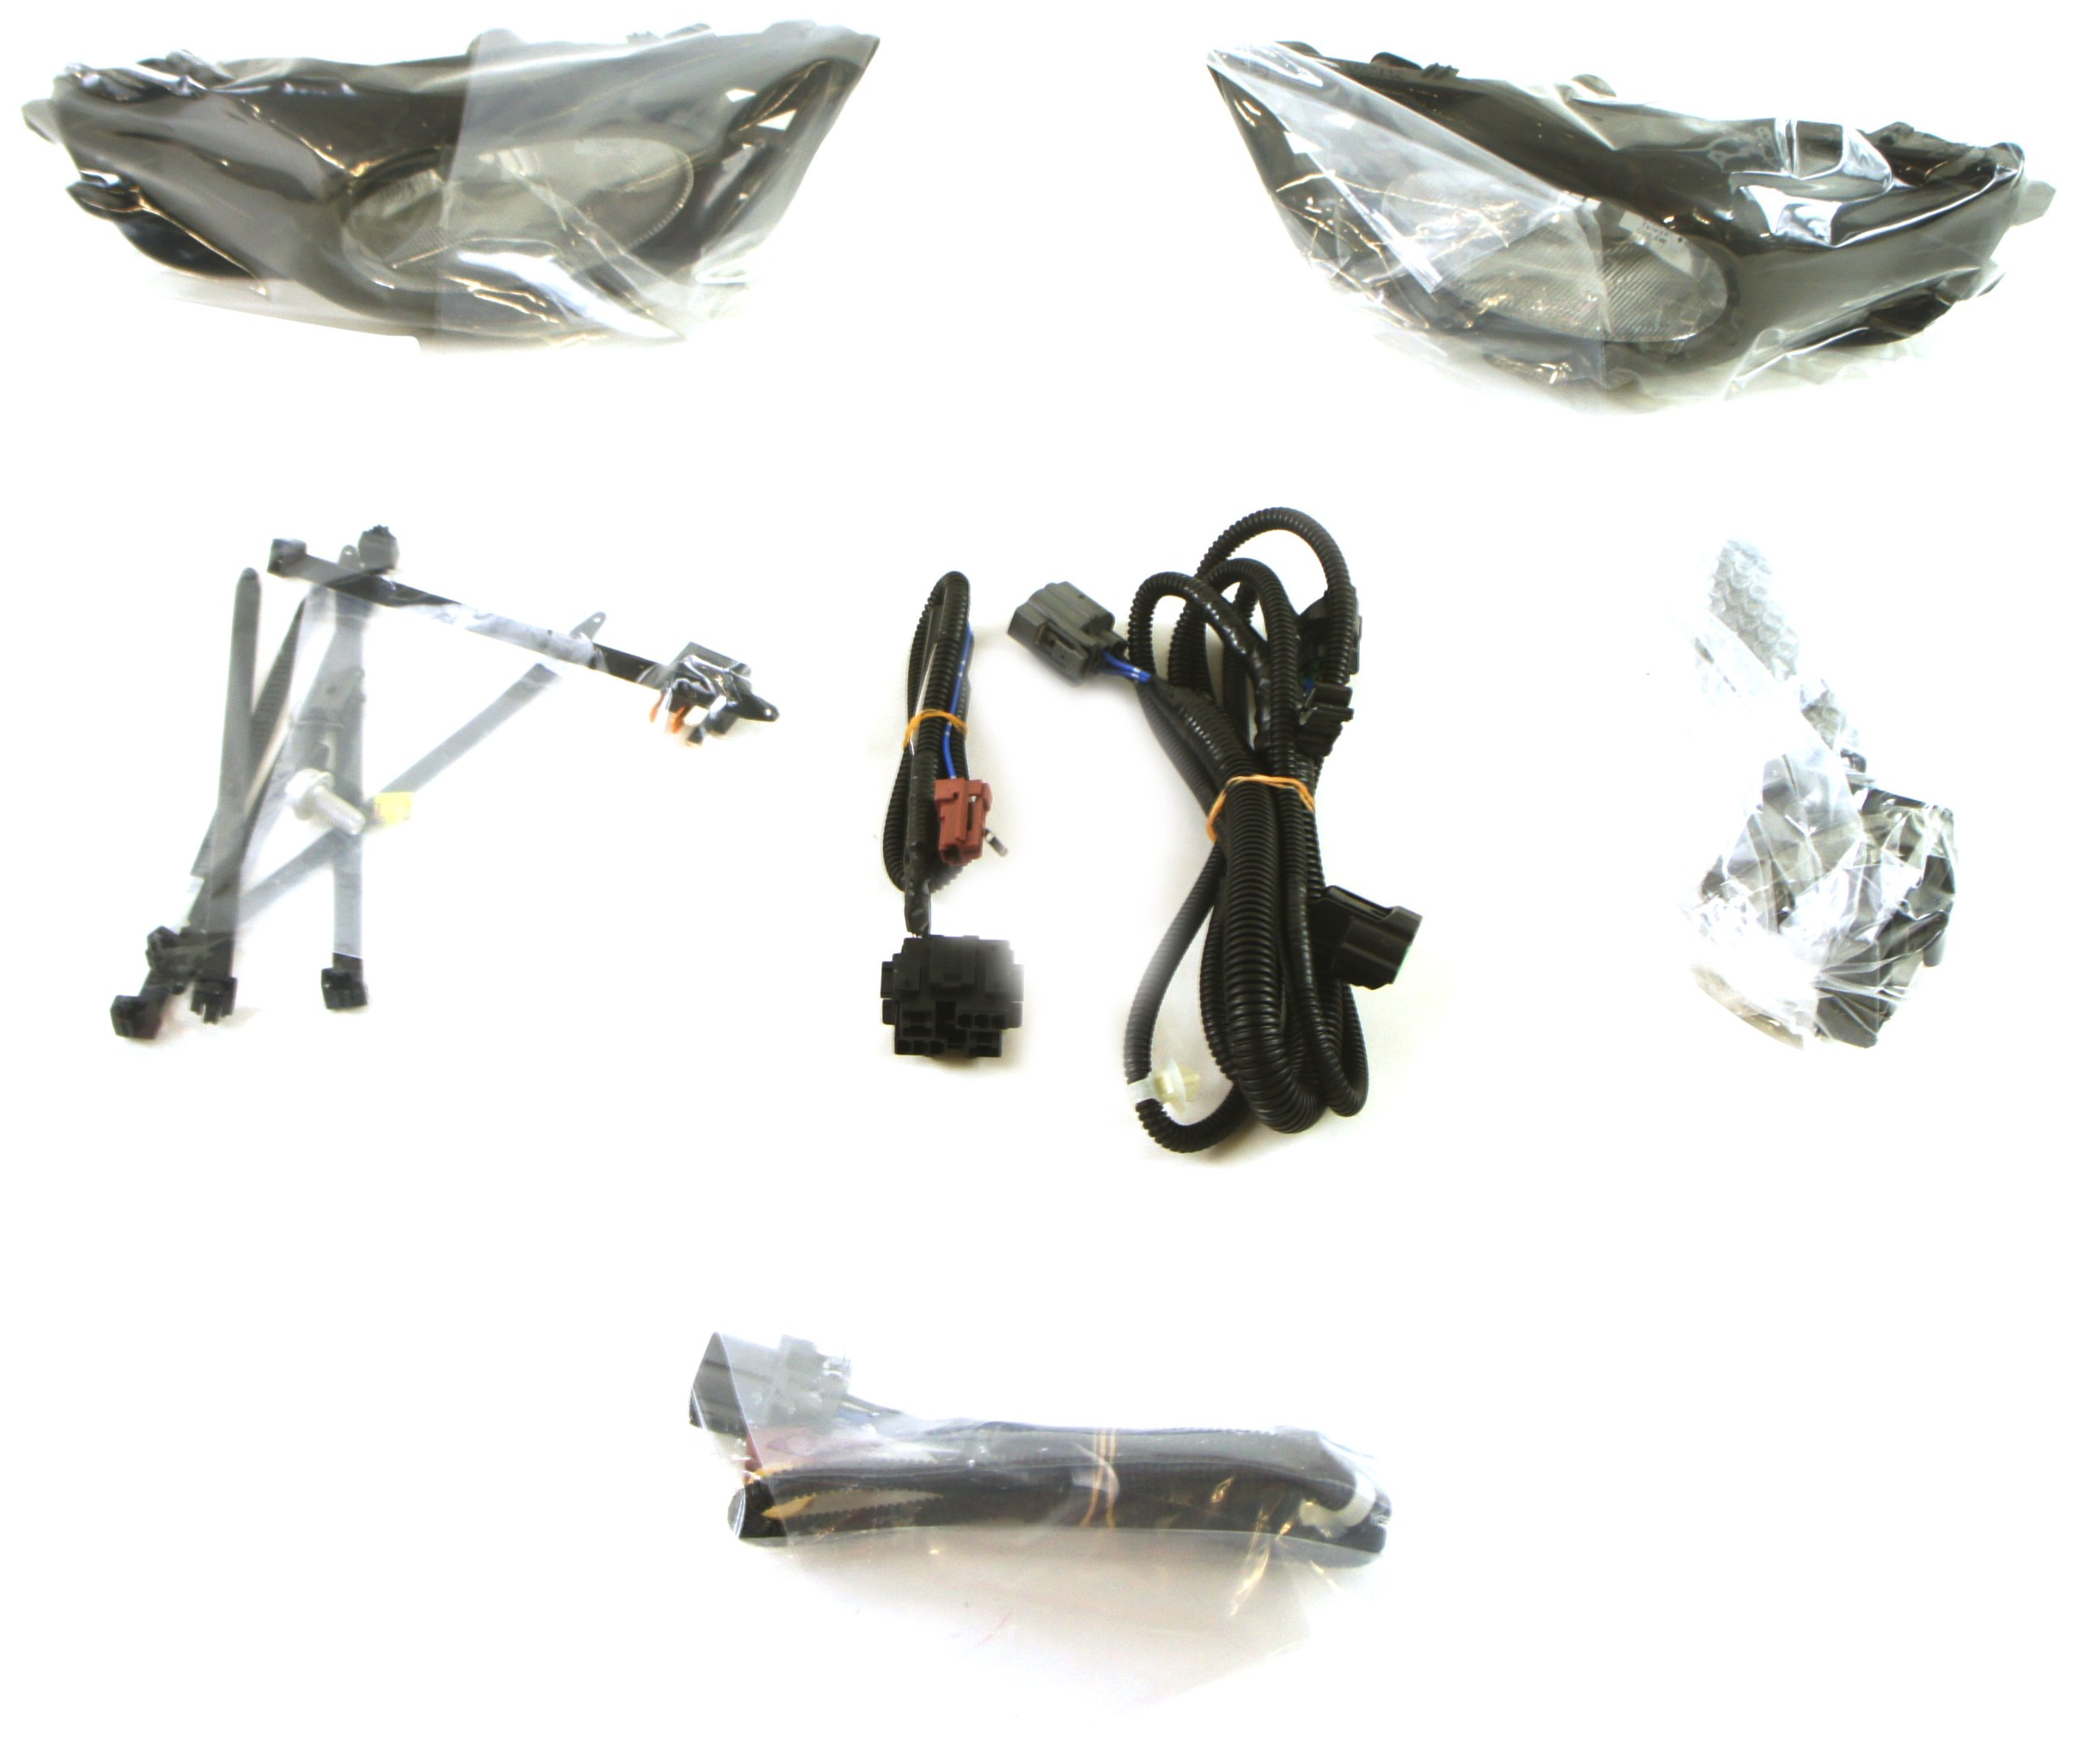 Genuine Honda Parts 08V31-SNA-100D Fog Light Replacement Set